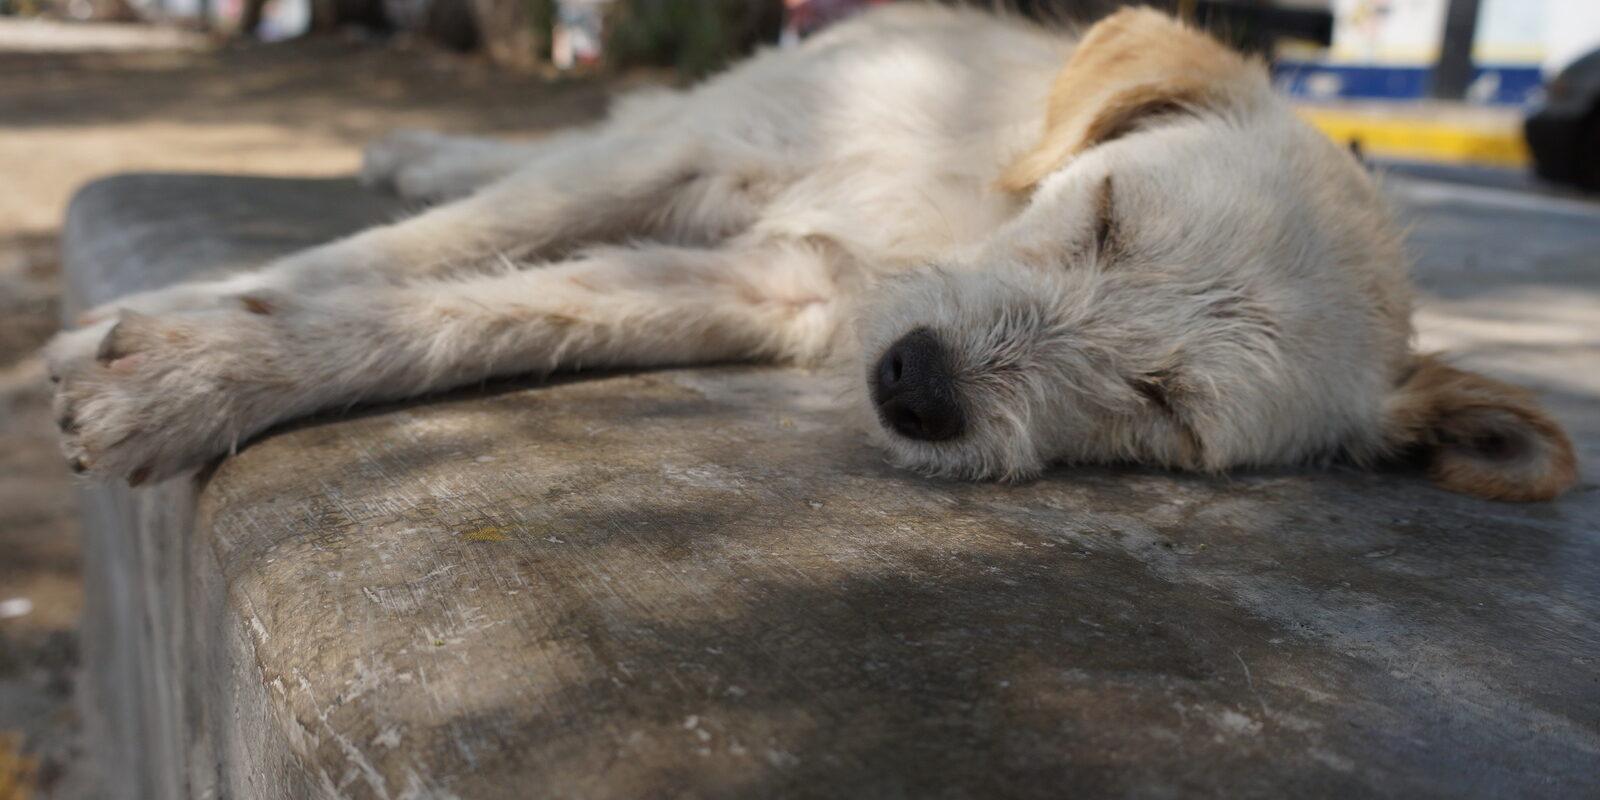 Streunerhunde in Griechenland: Durch Mikrochippen und Registrieren wollen wir die Population der Streunerhunde in Griechenland unter Kontrolle bringen